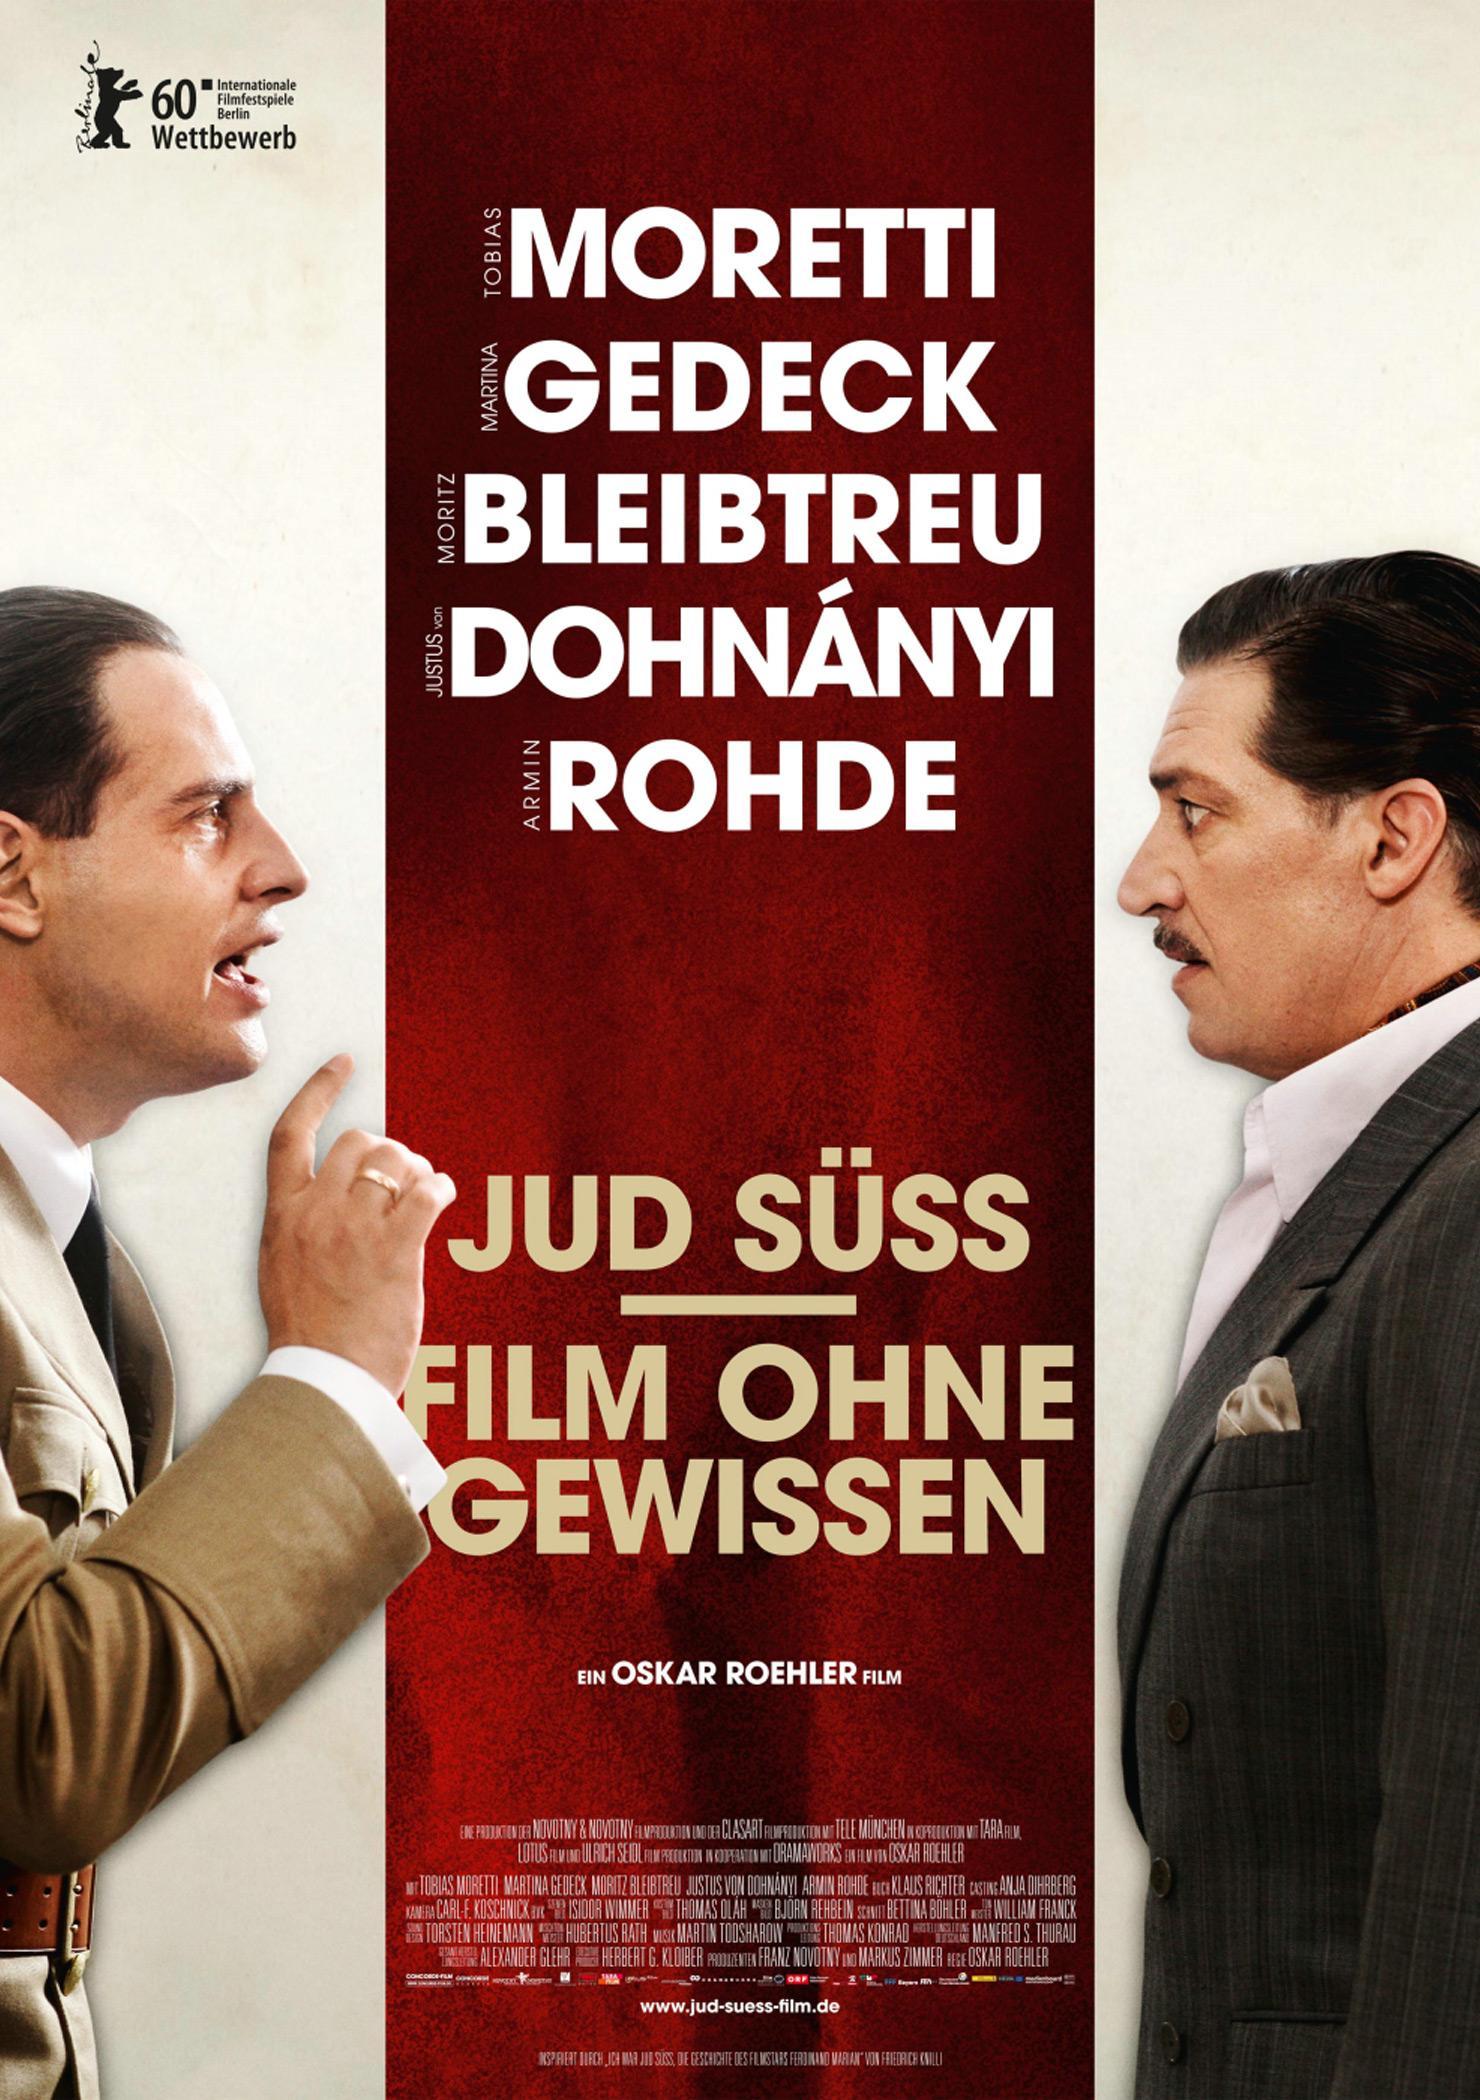 Jud Süß - Film ohne Gewissen (Poster)